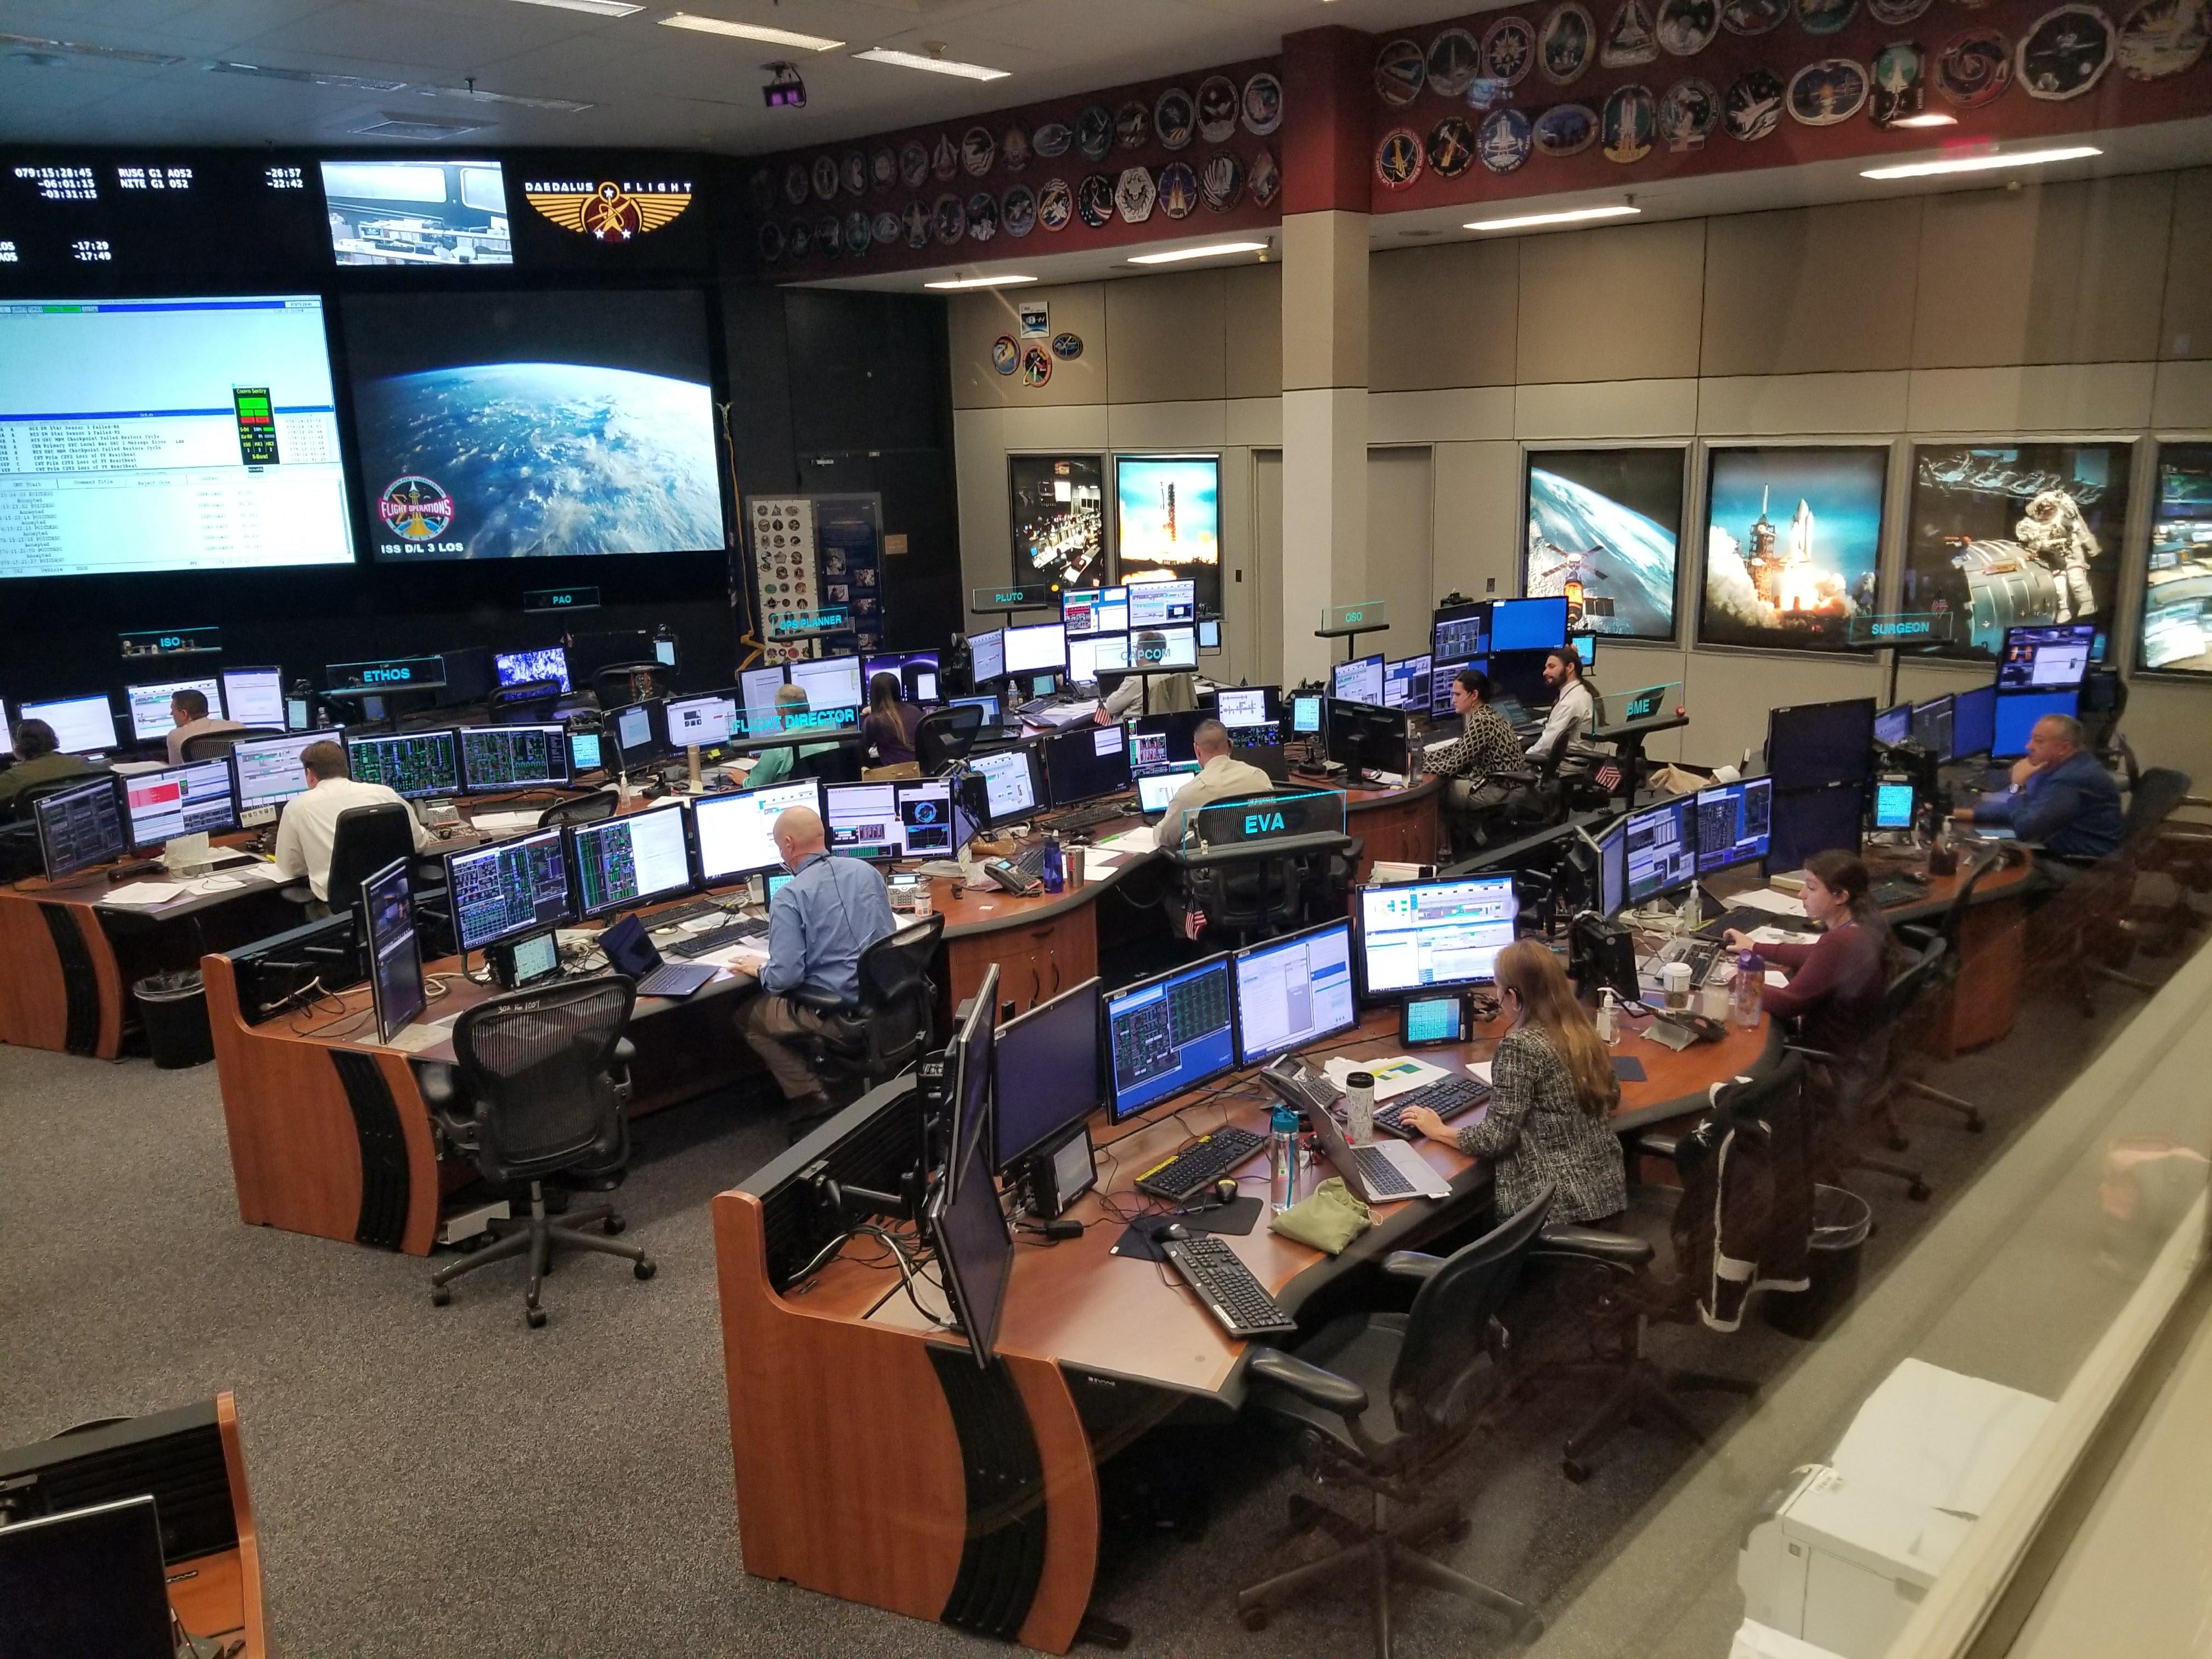 Apollo Mission Control Center in Houston, Texas | Historic